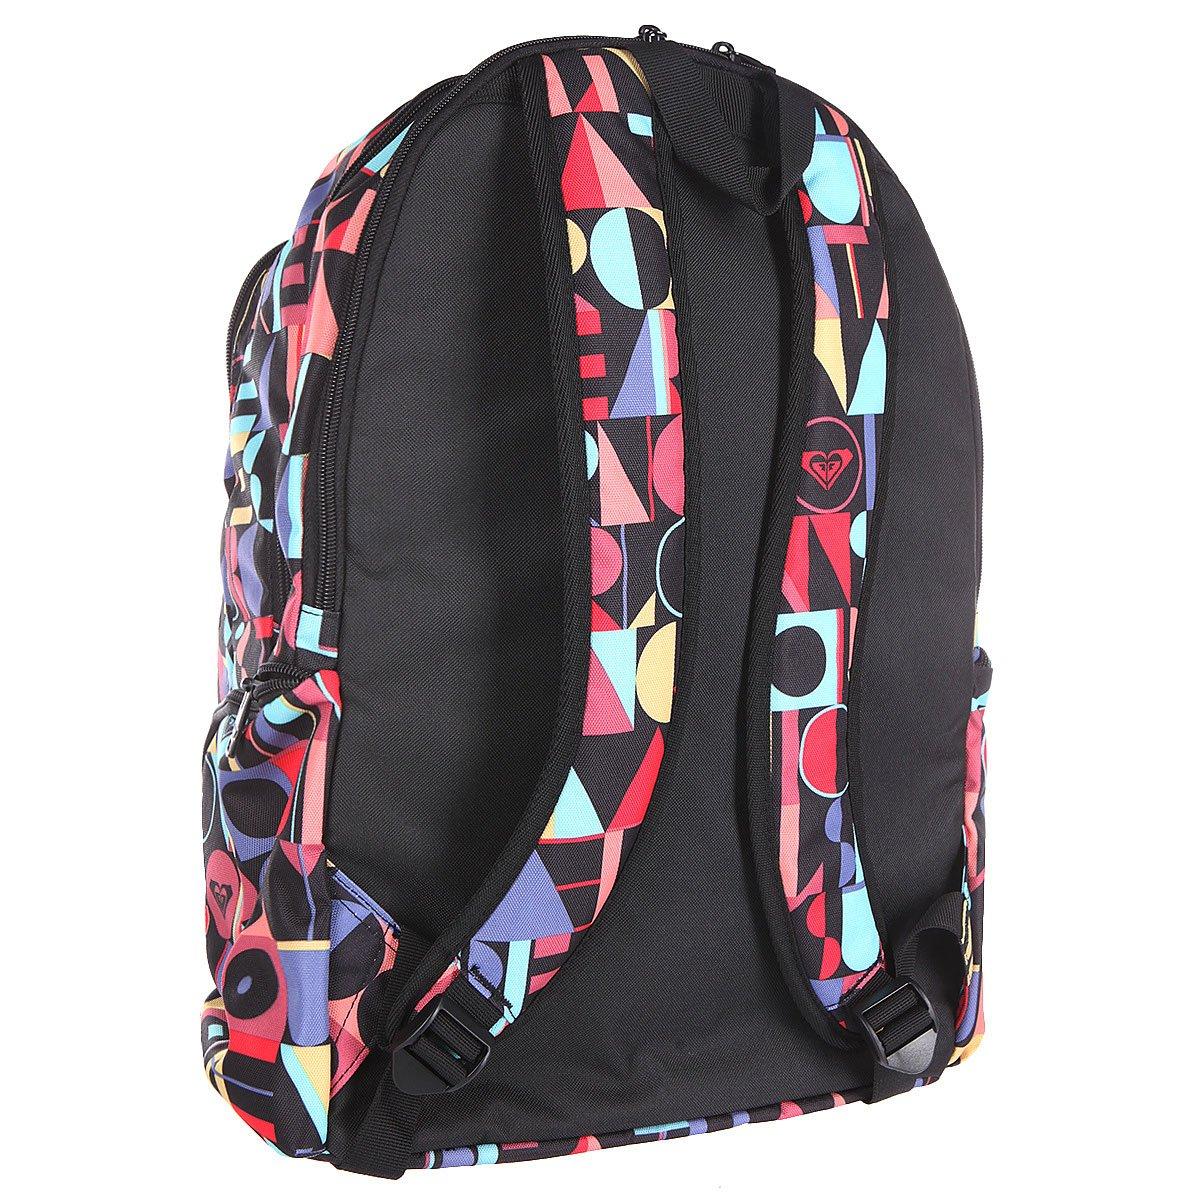 4a0156e43c47 Купить рюкзак школьный женский Roxy Alright J Soul Sister Com ...